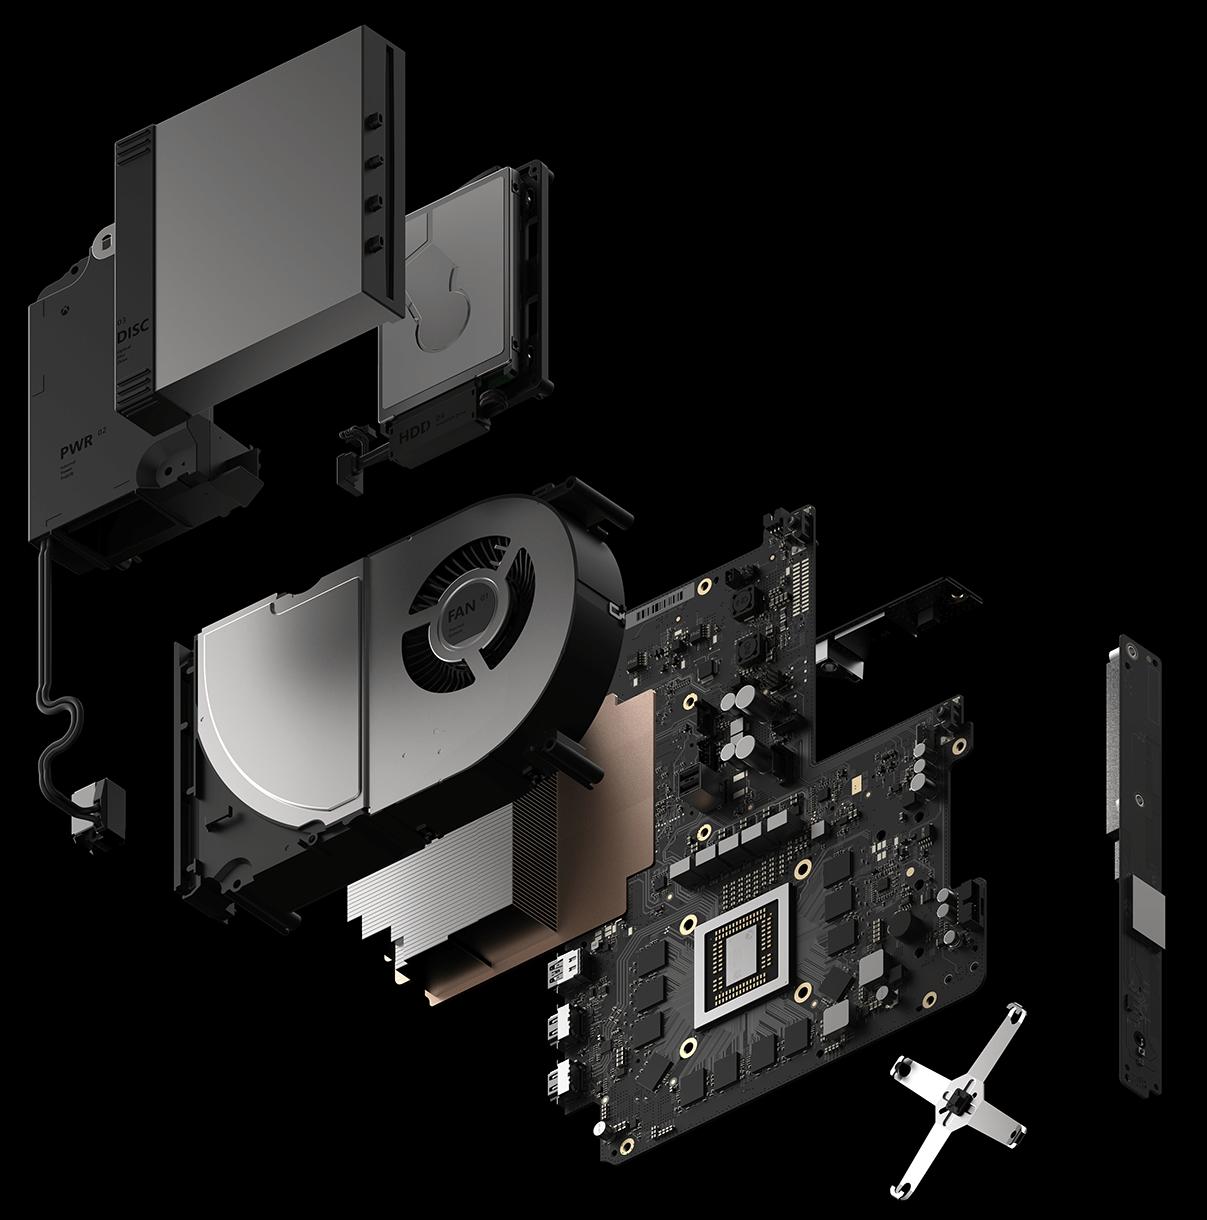 Microsoft раскрыла характеристики новоиспеченной игровой консоли Project Scorpio